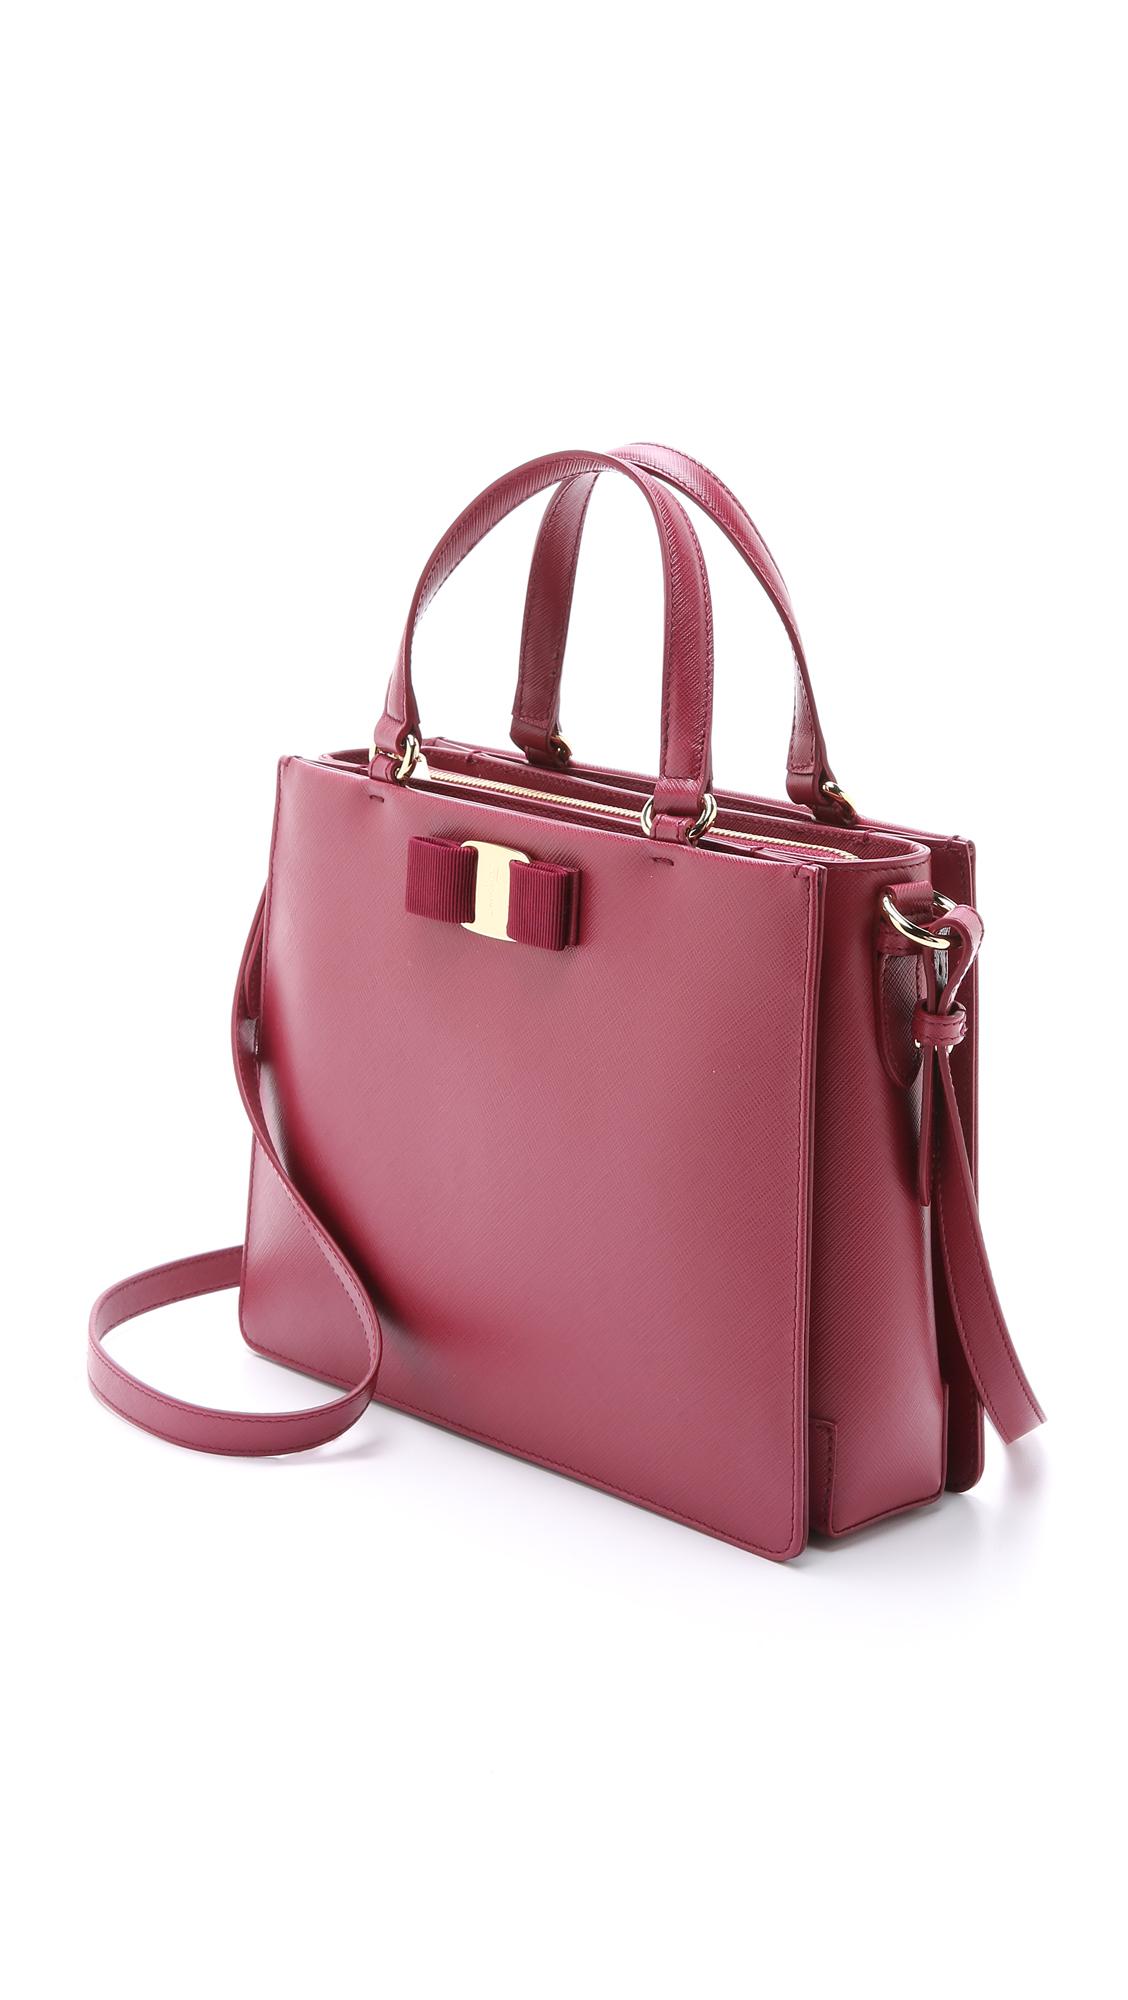 2abd0ce0f25 ... san francisco af712 7a609 Lyst - Ferragamo Tracy Bag - Vin in Pink ...